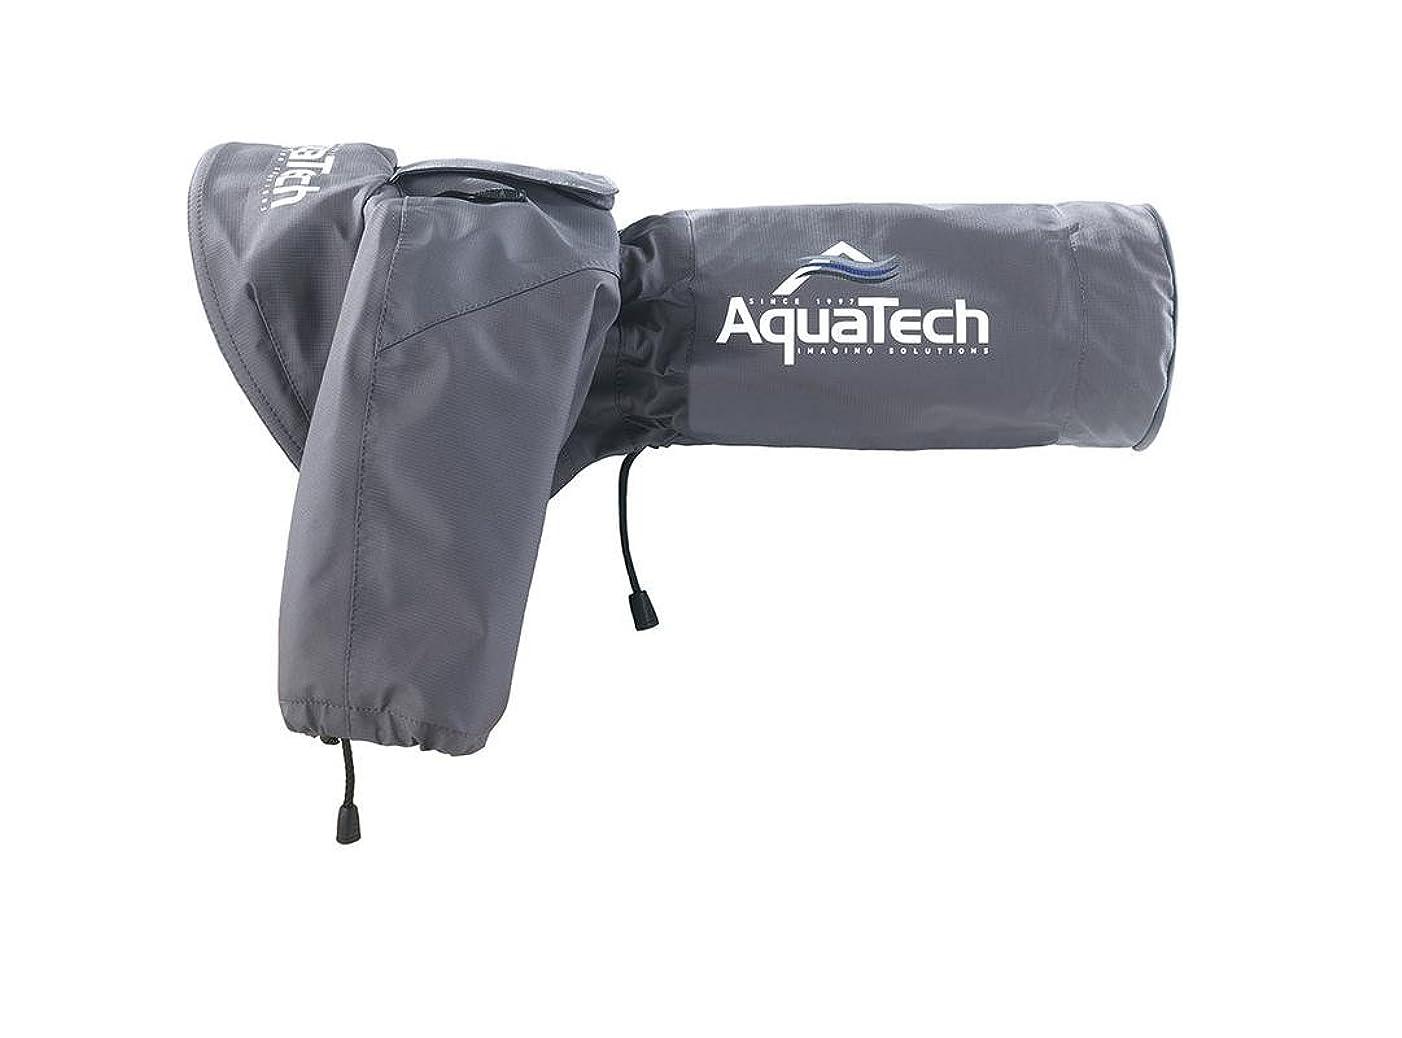 AquaTech?SSRC Medium Sport Shield Rain Cover for DLSR Cameras